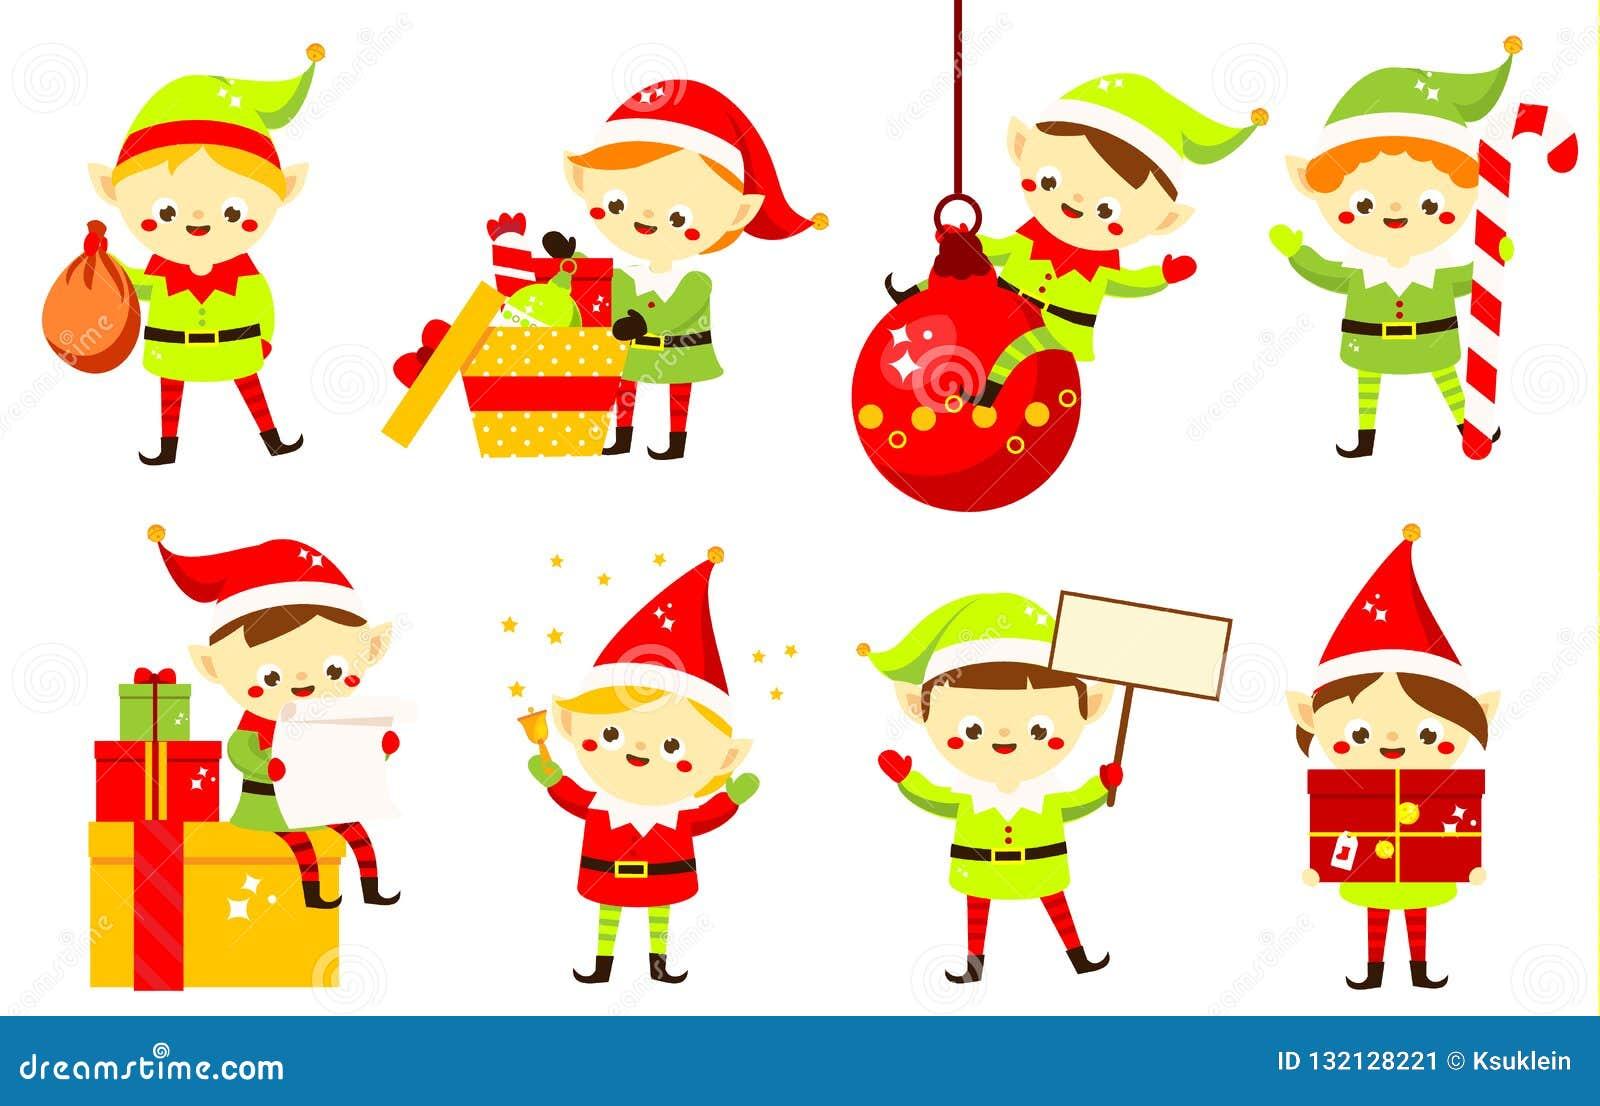 Dibujos De Navidad Regalos.Duendes De La Navidad Coleccion De Los Ayudantes De Papa